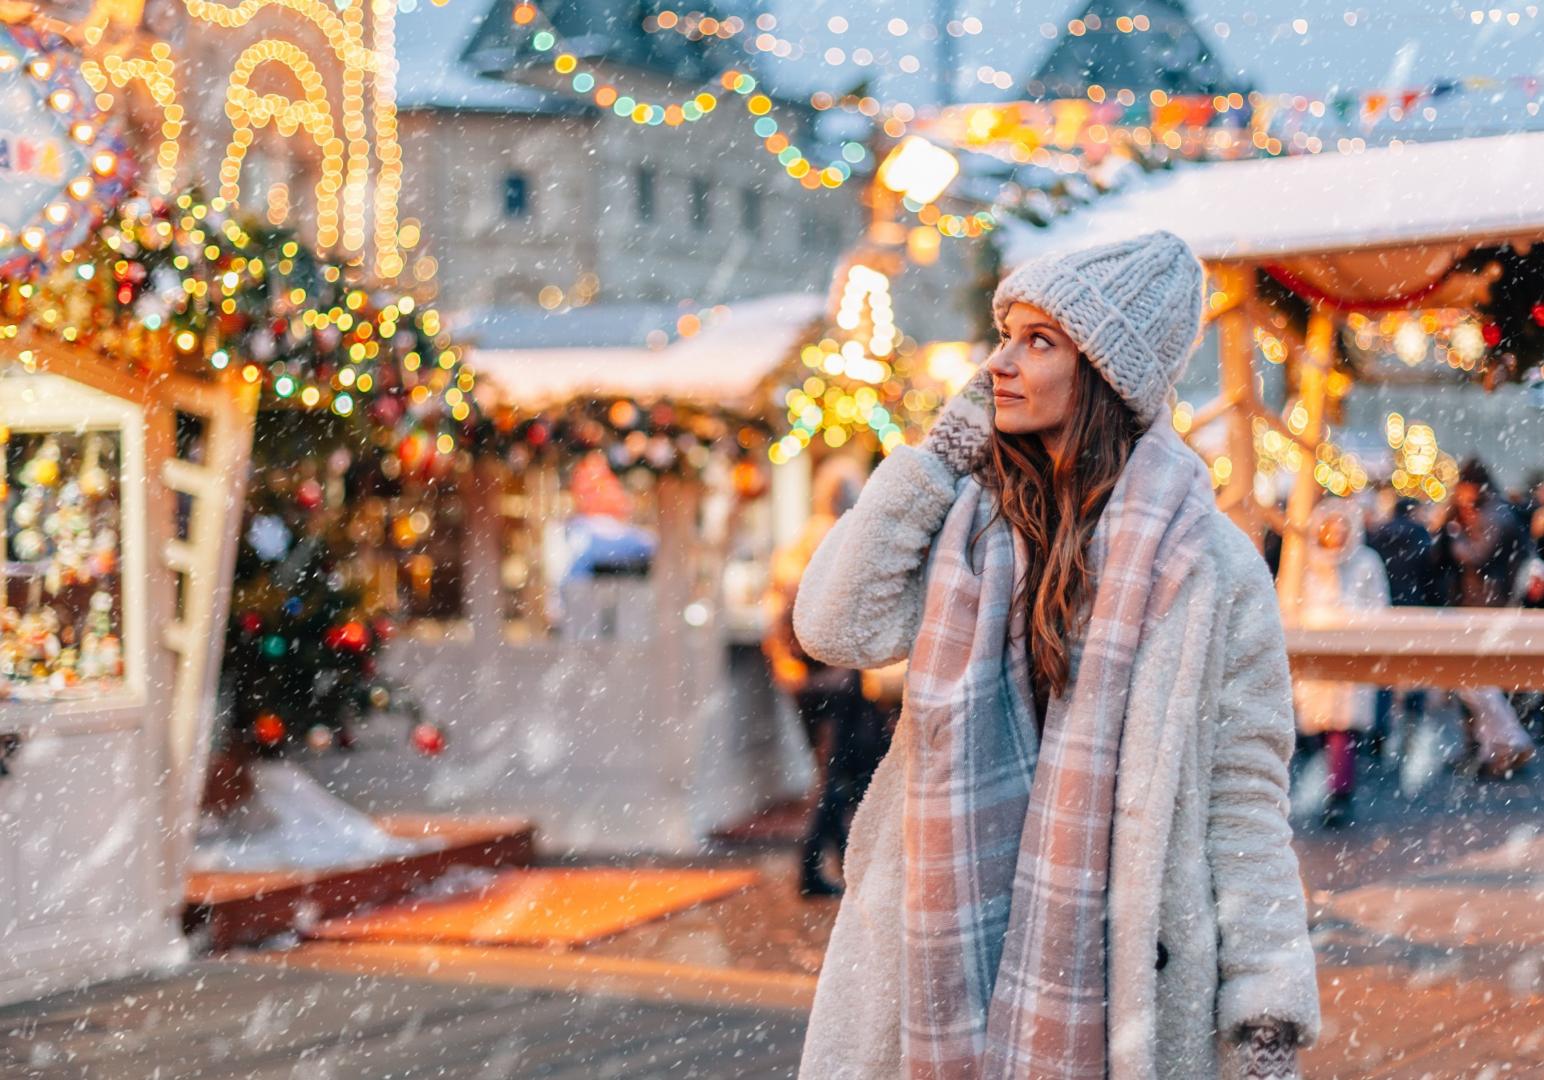 On fait son marché de Noël à Colmar